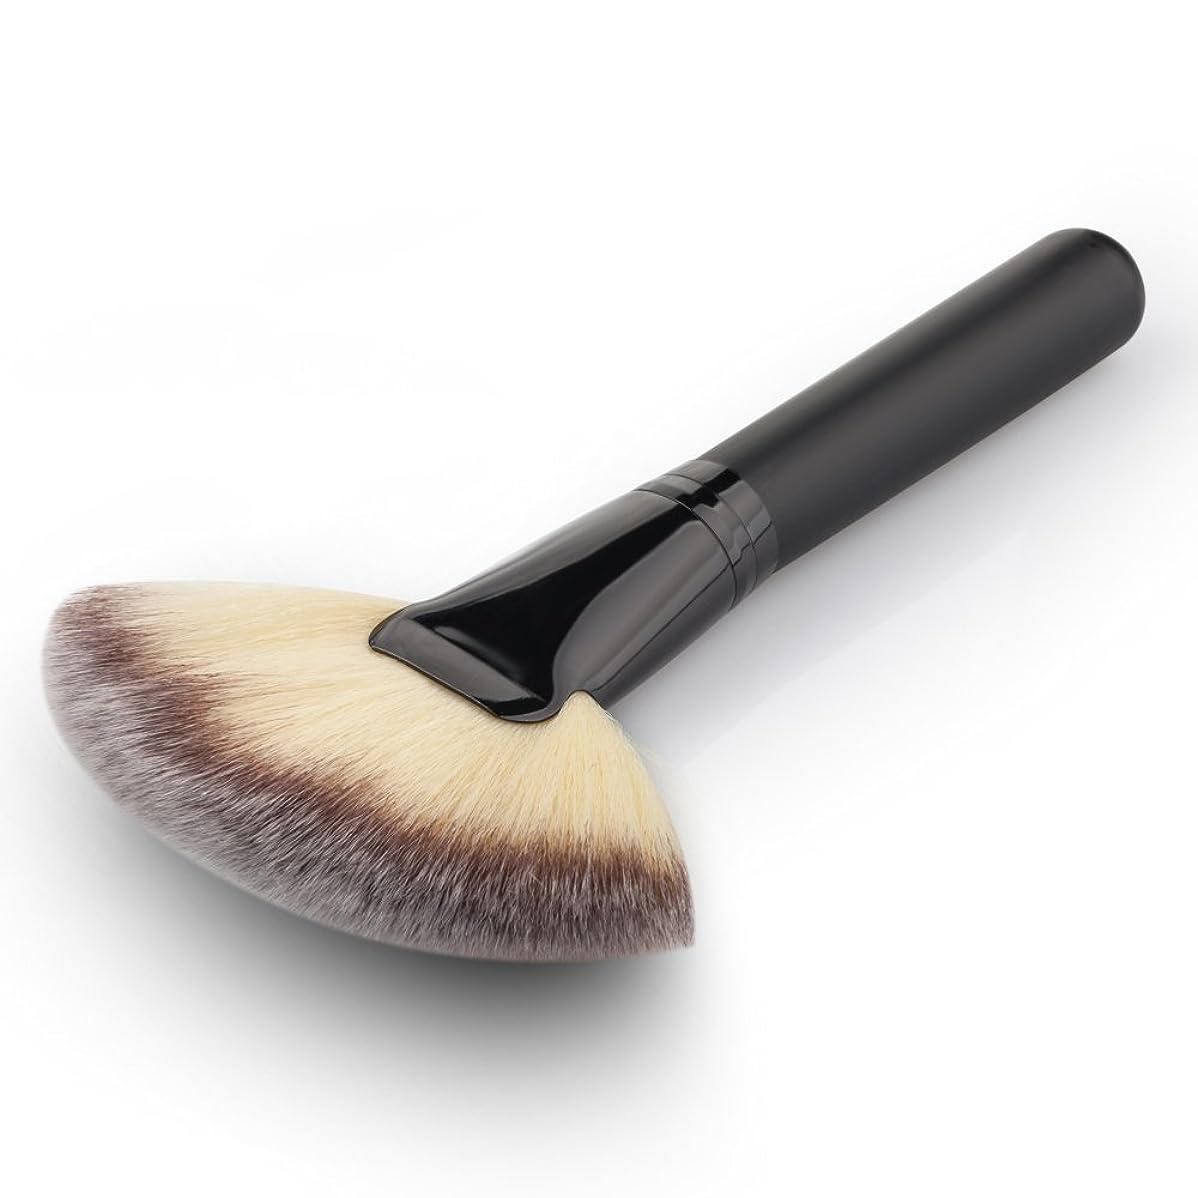 (デマ―クト)De?markt メイクブラシ 化粧筆 化粧専用ファンデーションブラシ 扇形ブラシ フェイスパウダーブラシ 超柔らかいメ イクアップツール